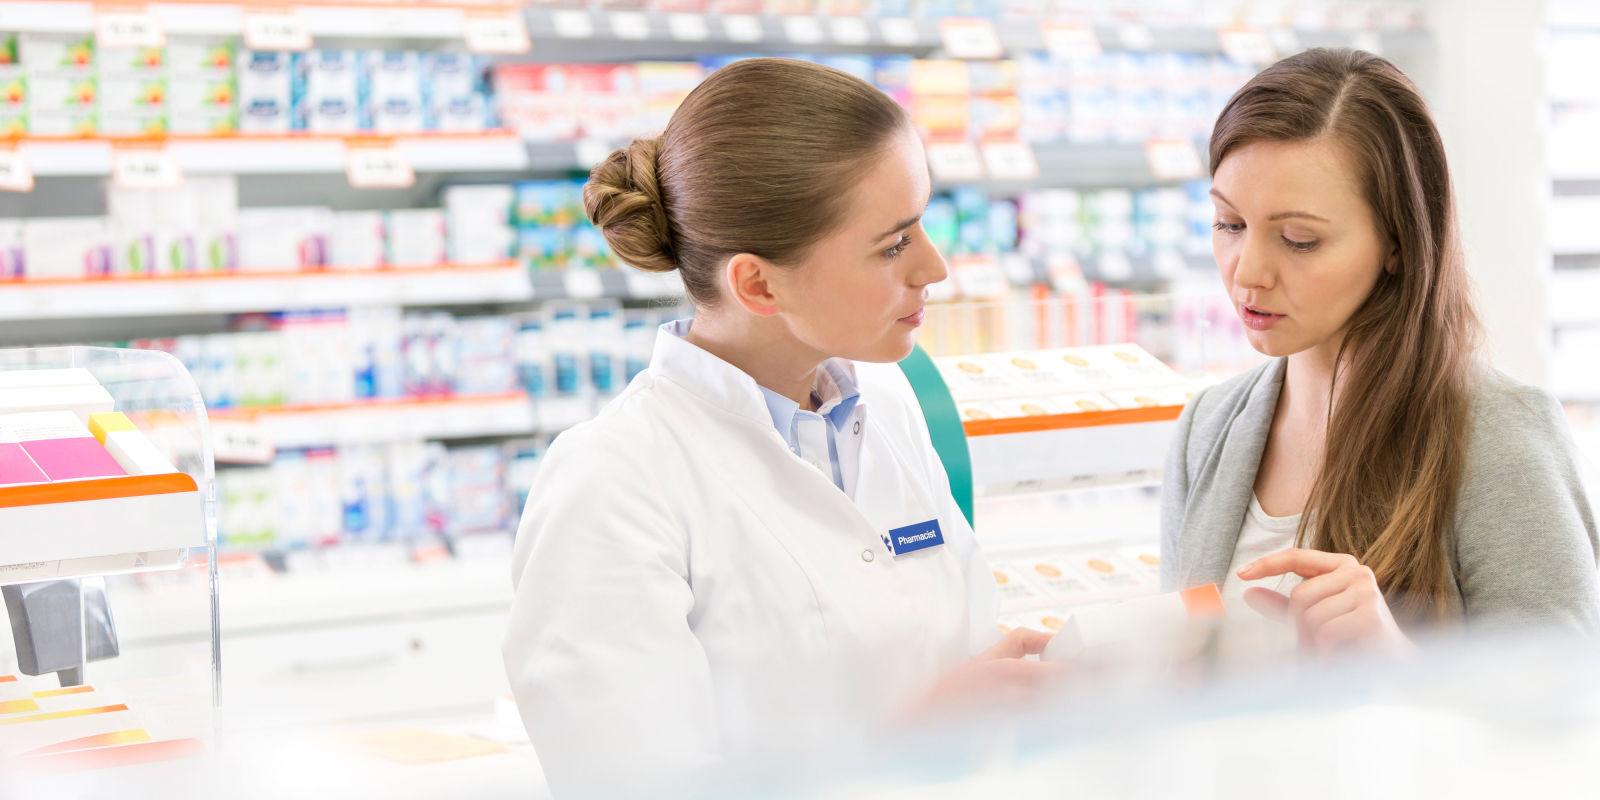 cialis prostata inoltre simili farmacias